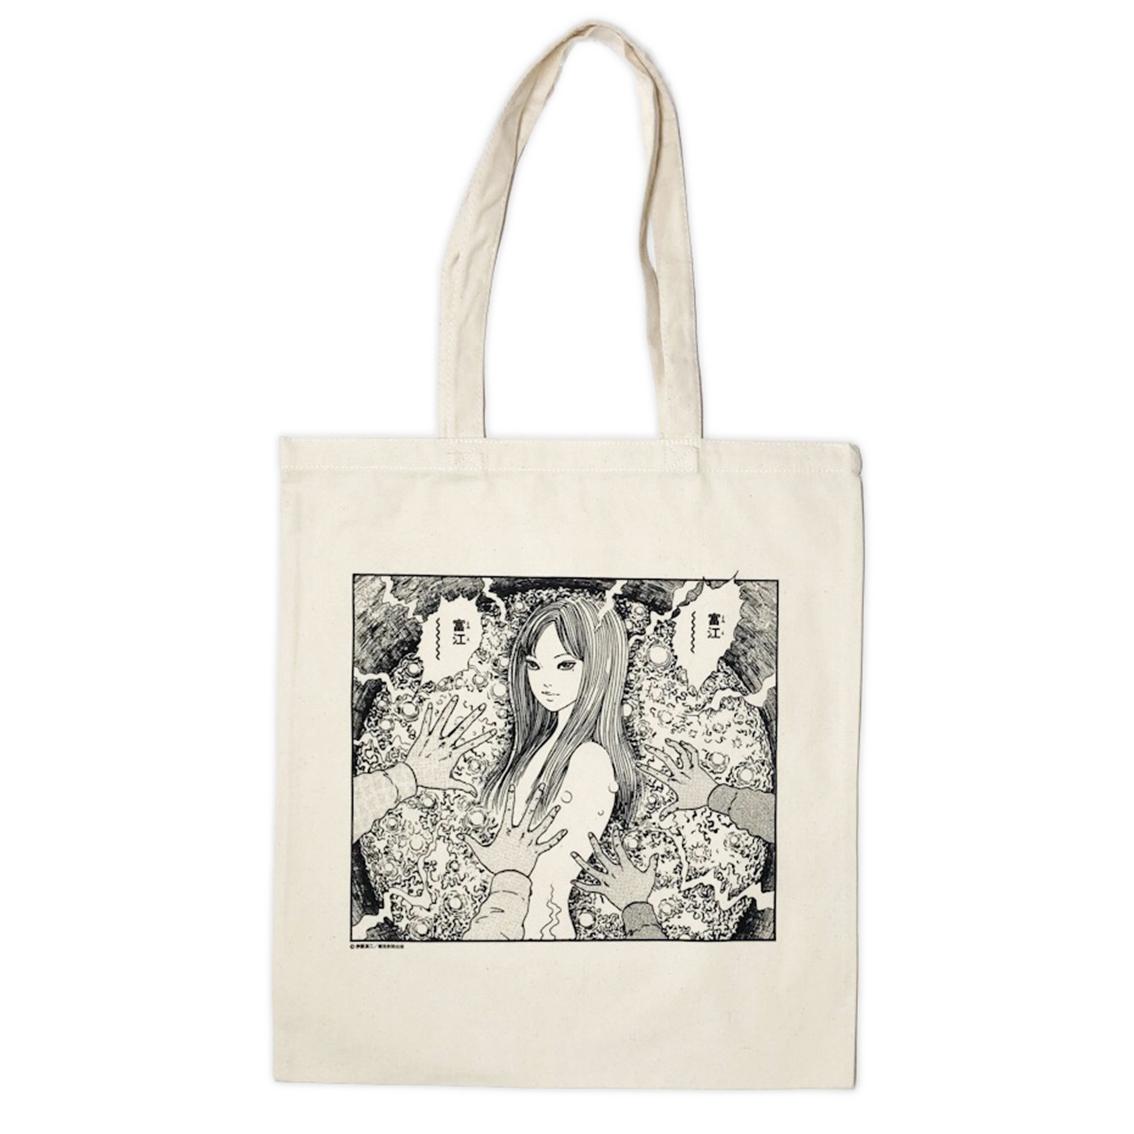 伊藤潤二 トートバックA 『もろみ』ナチュラル, ITO Junji Tote bag MOROMI Natural